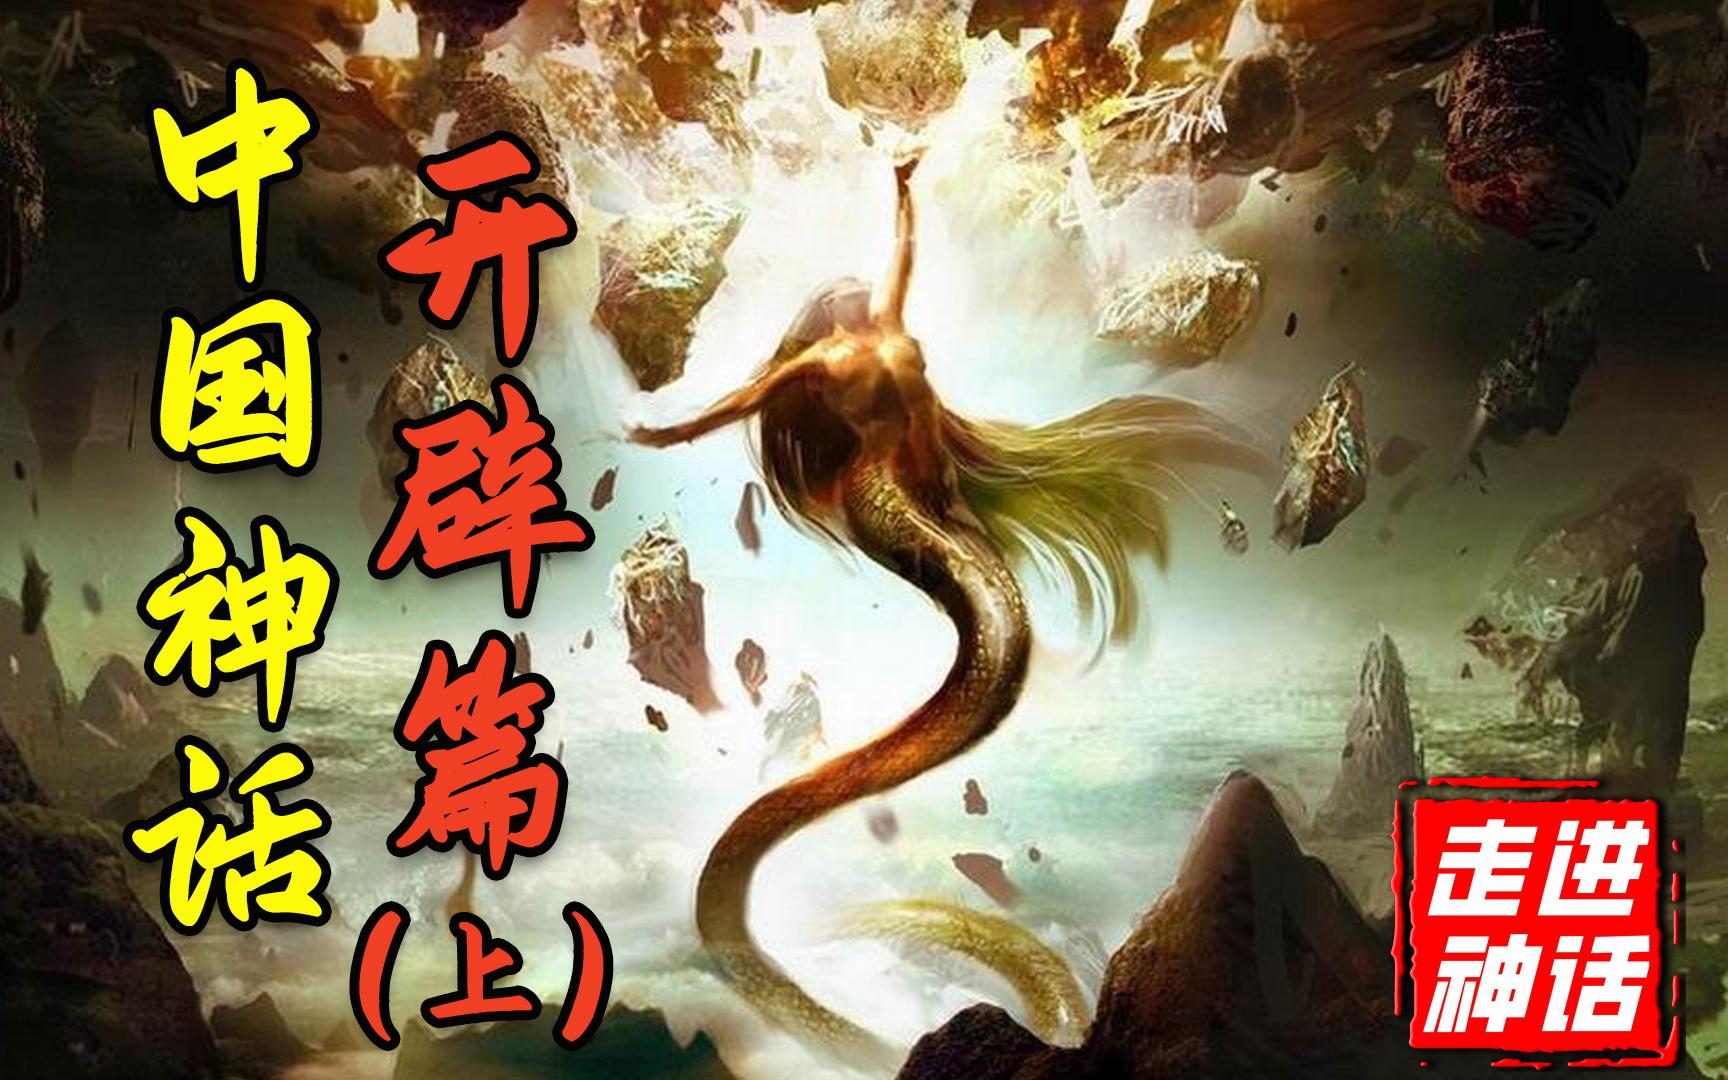 混沌天地的开辟,除了盘古竟然还有这么多人?中国神话体系完全解析【开辟篇】上